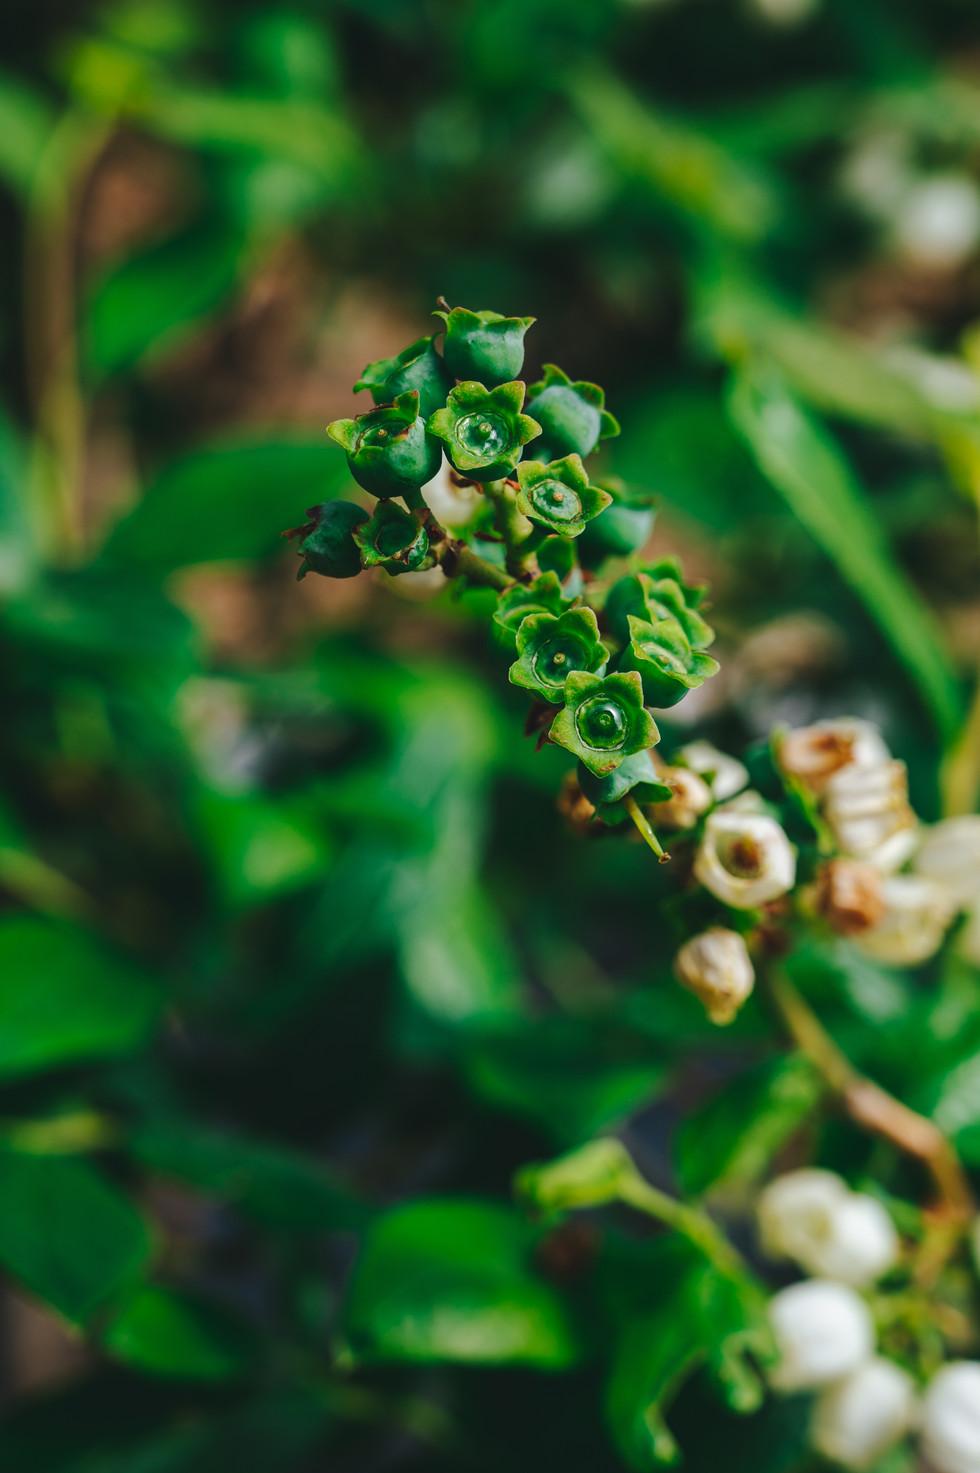 Berry plant